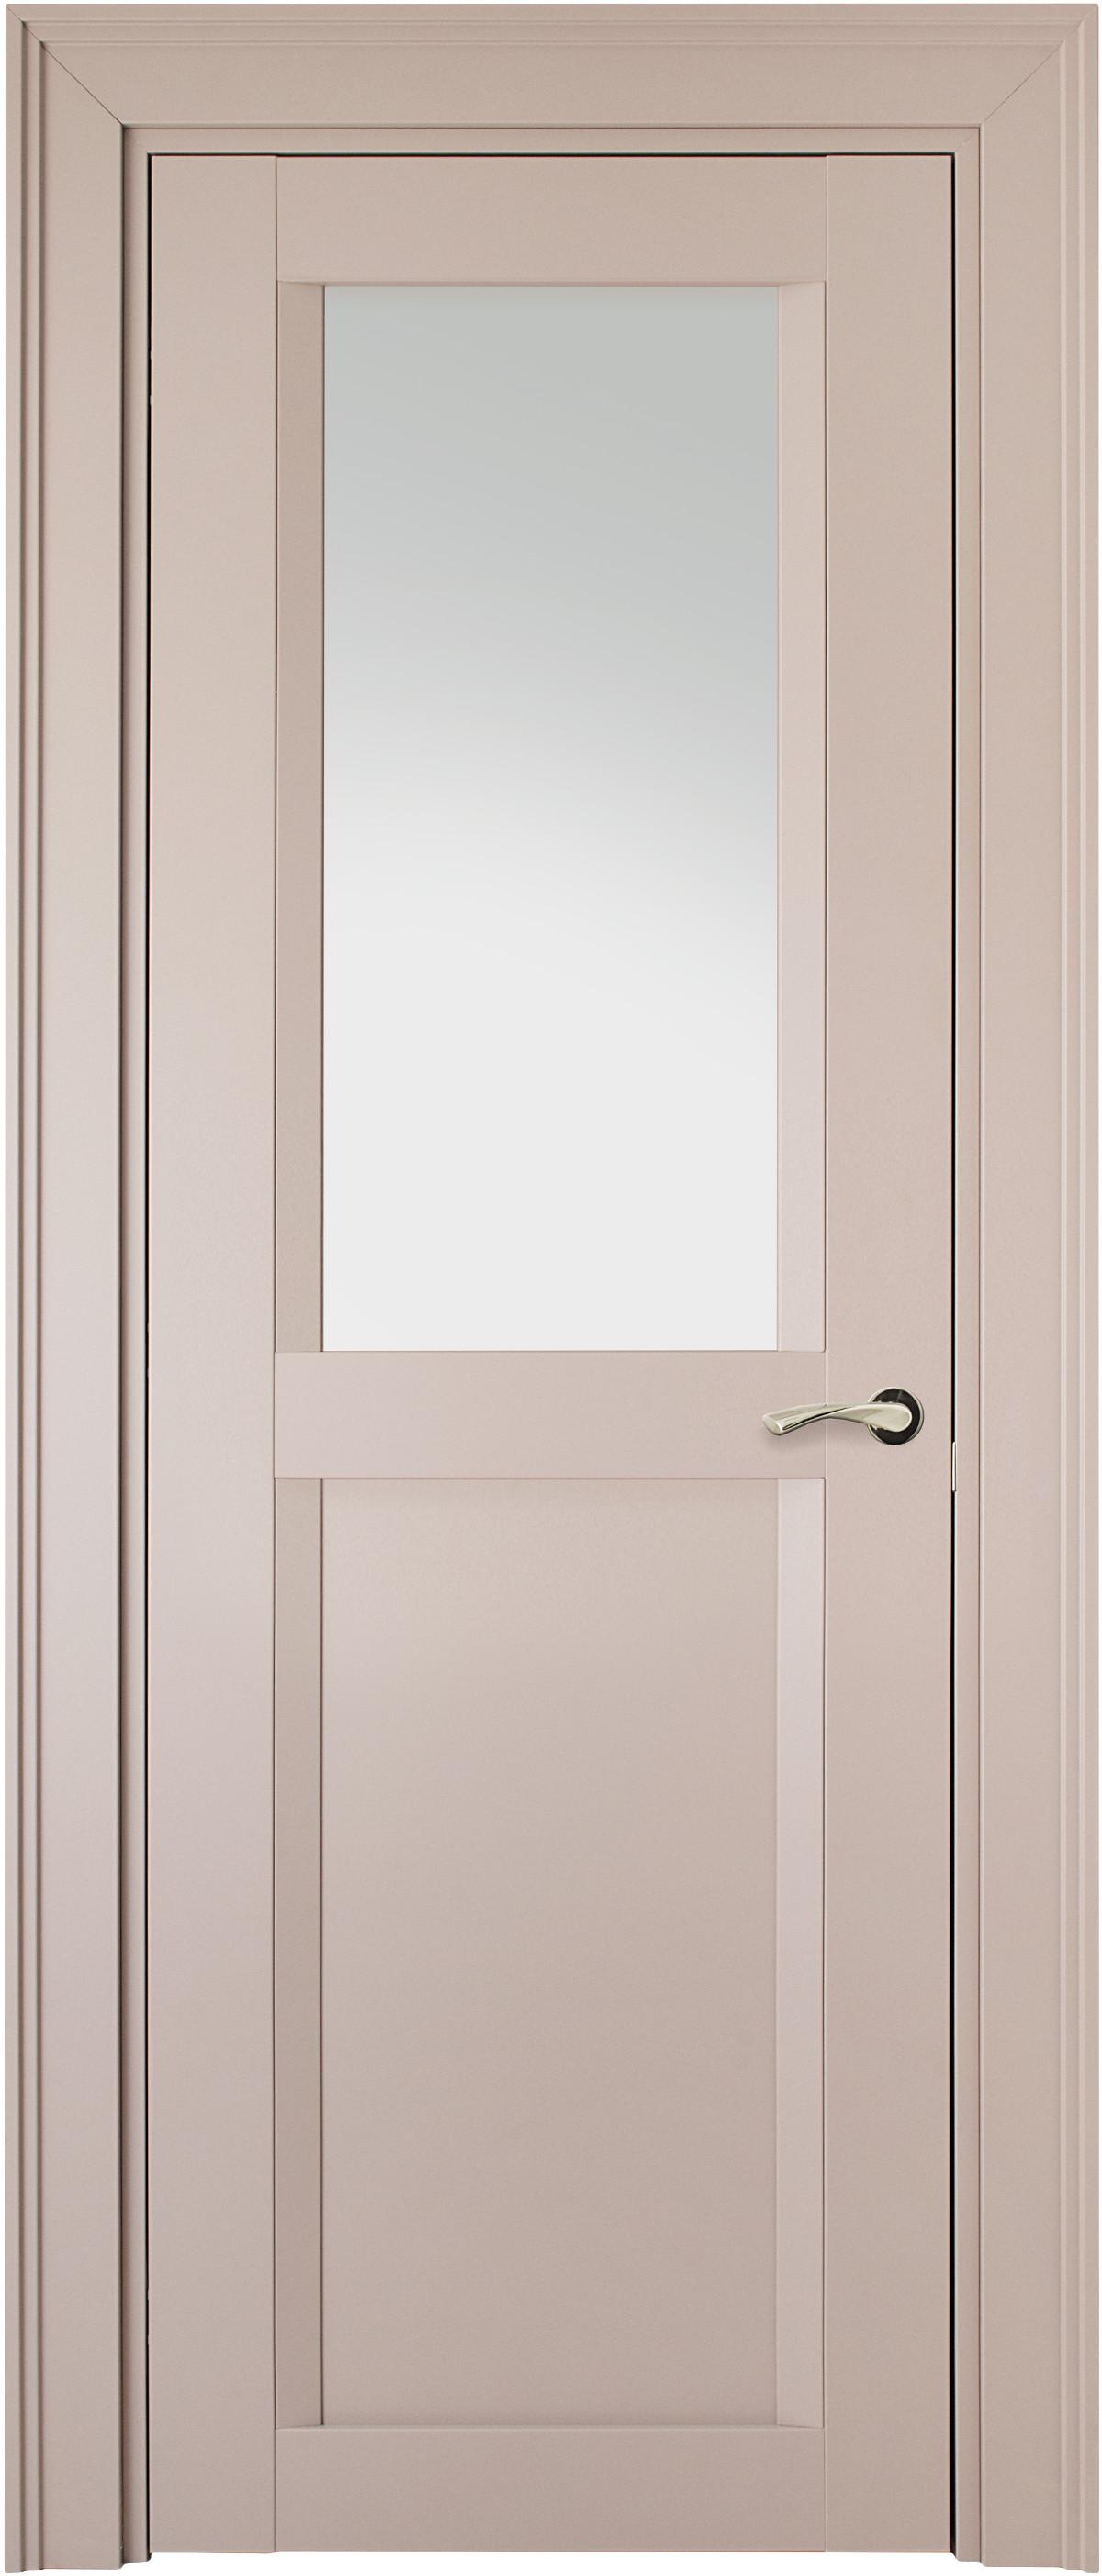 Межкомнатные двери Scala SB-1 со стеклом